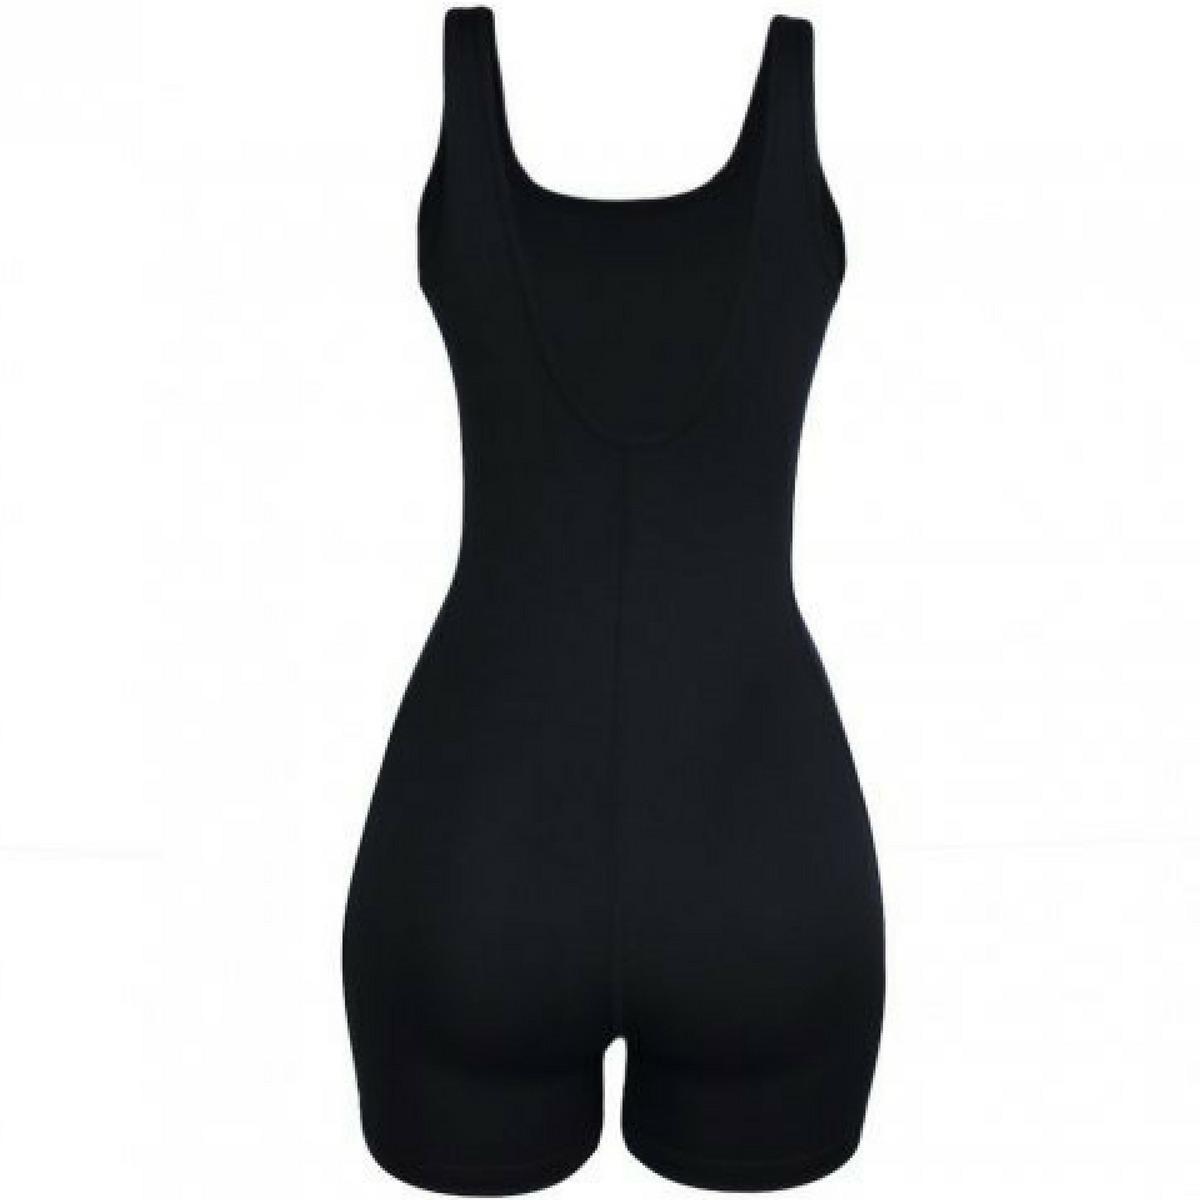 8f5603152 macaquinho natação   hidroginástica speedo basic - preto. Carregando zoom.